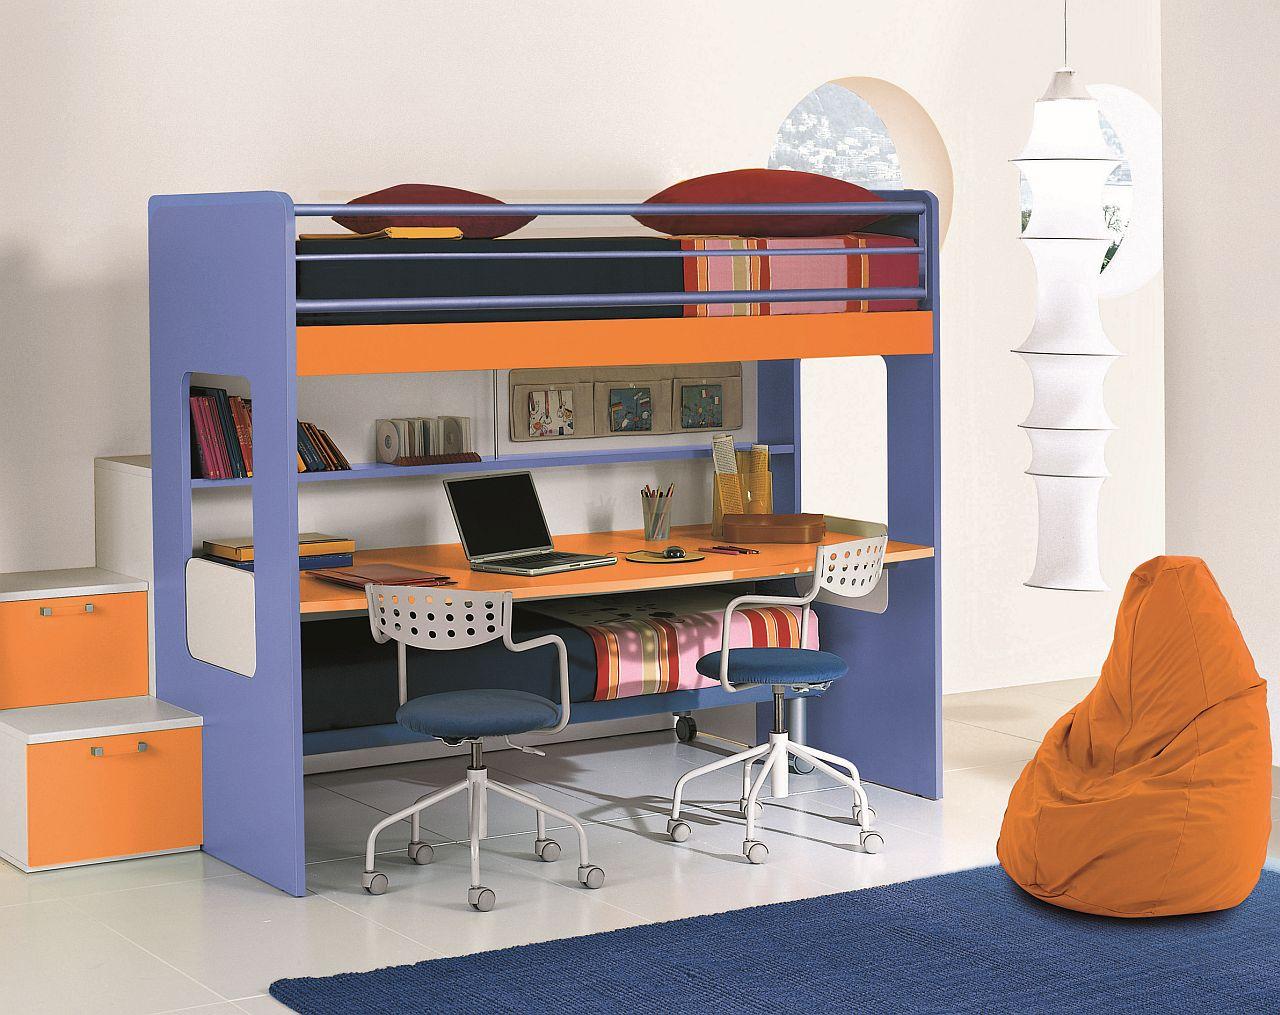 Full Size of Kinderzimmer Hochbett Fr Mit Schreibtisch Traum Mbelcom Regale Regal Sofa Weiß Kinderzimmer Kinderzimmer Hochbett